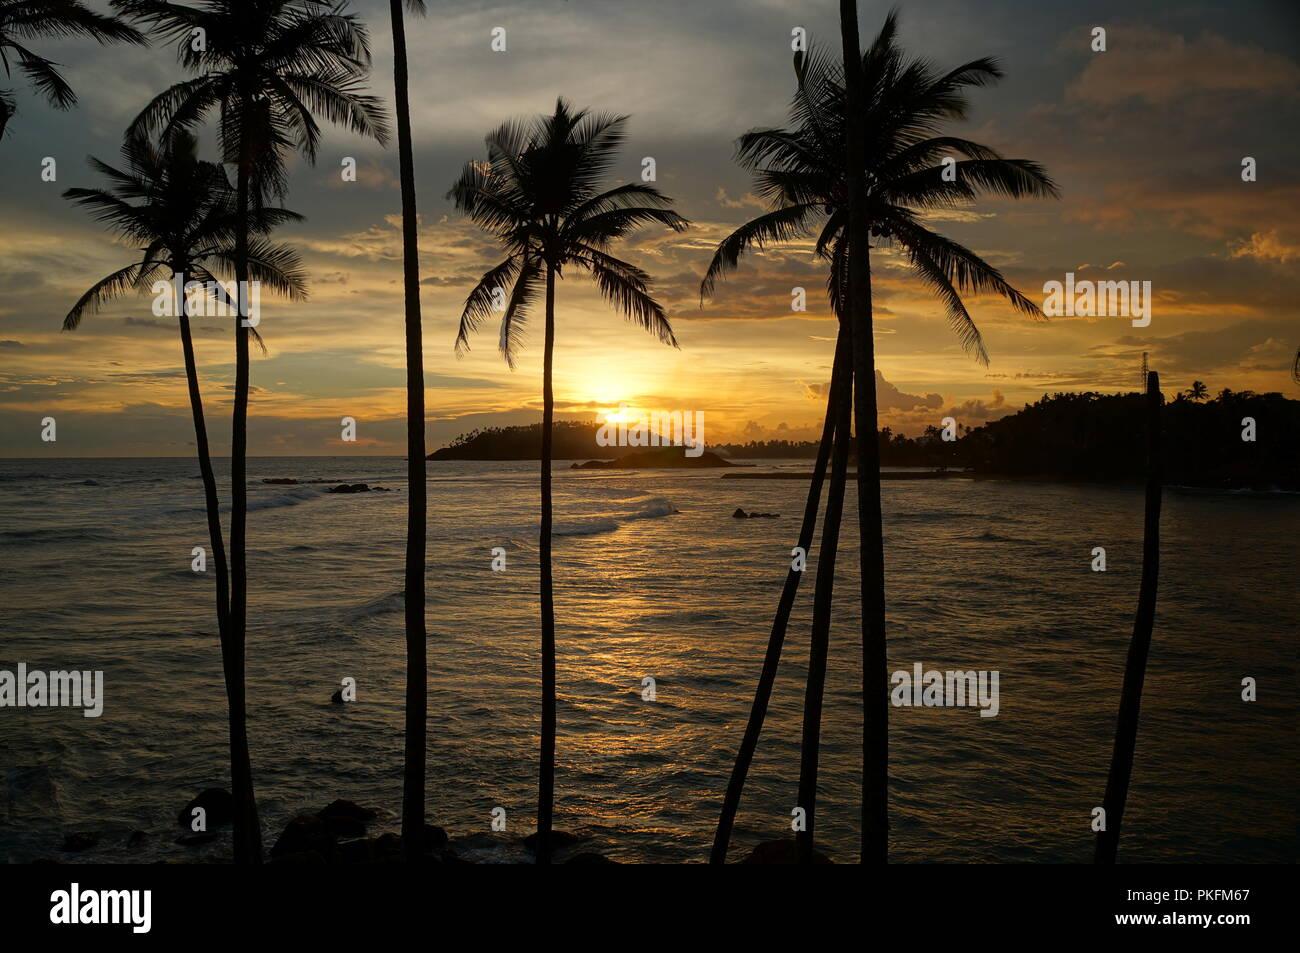 Mirissa Beach, Sri Lanka - Stock Image